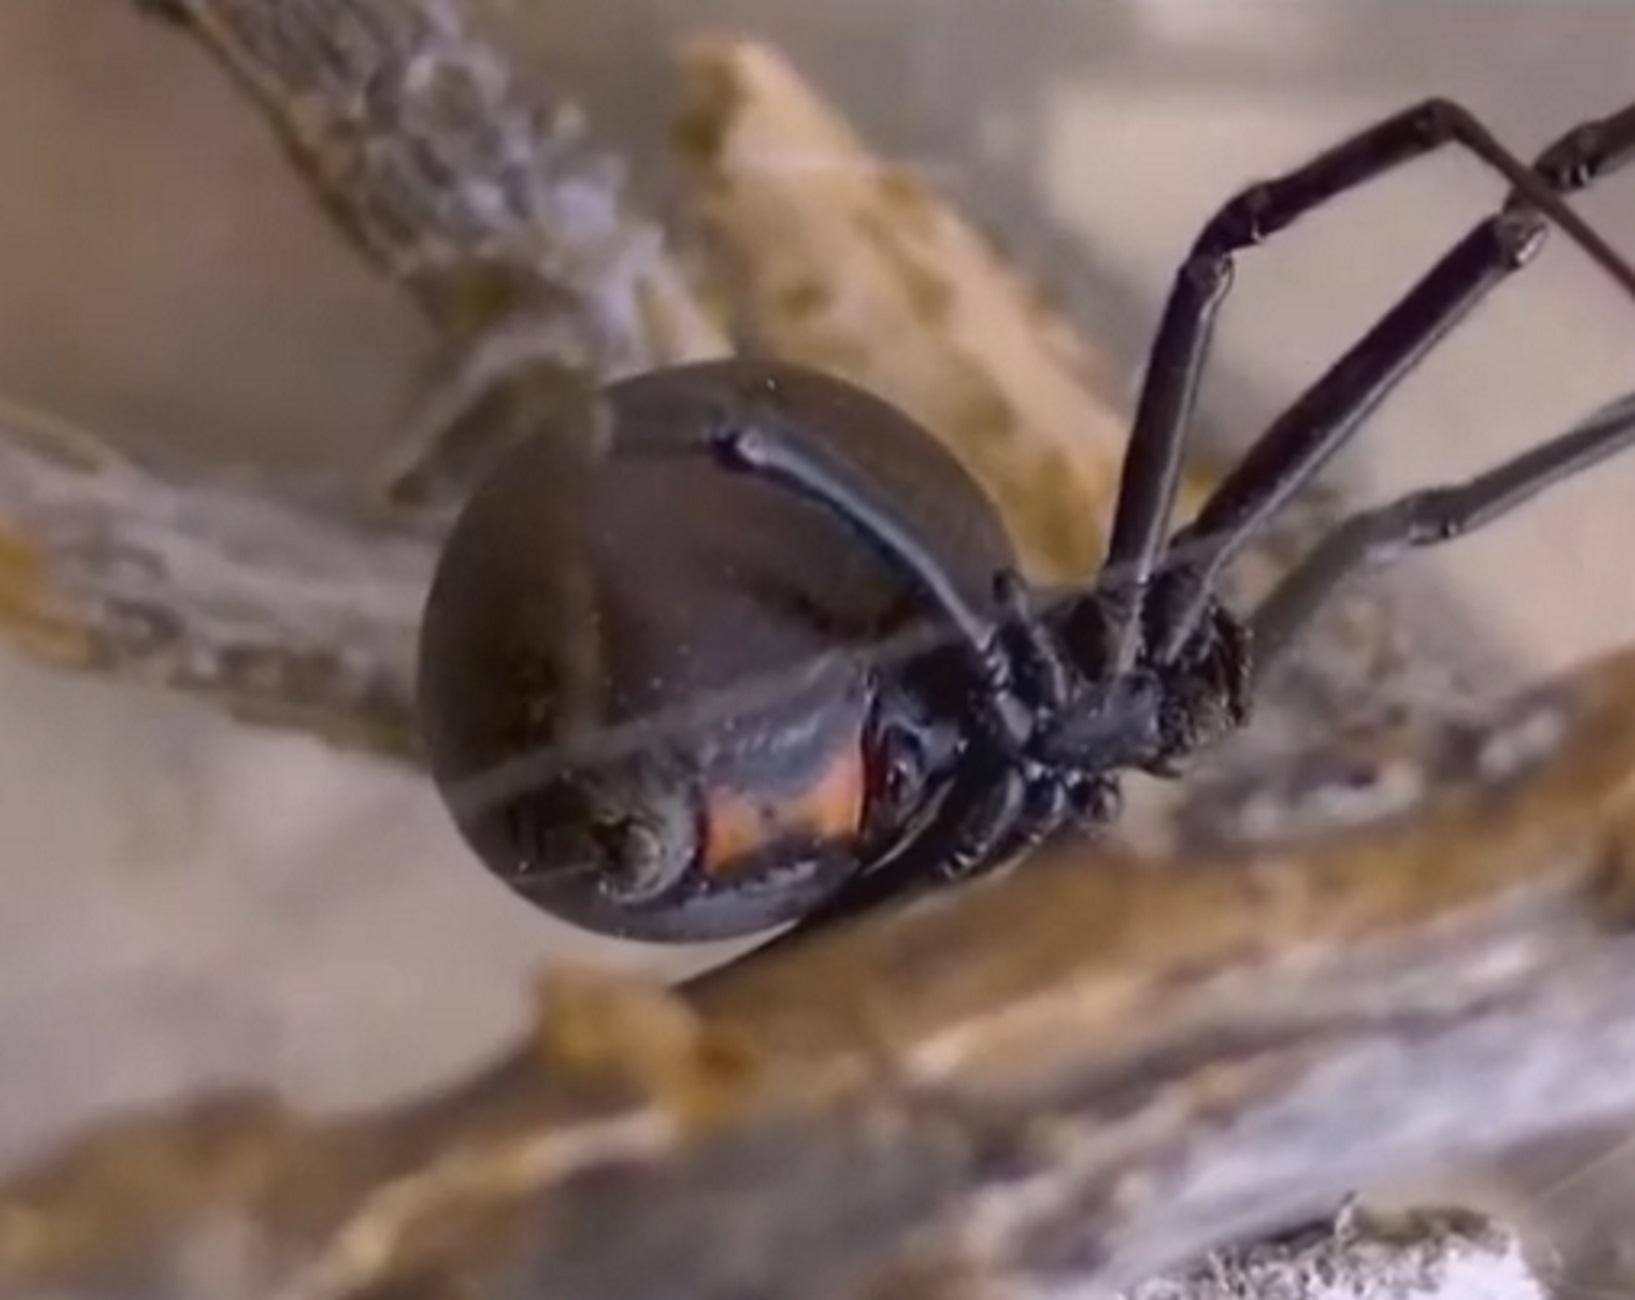 """Πάτρα: Παραμένει στην εντατική μετά το τσίμπημα """"μαύρης χήρας""""! Μάχη με το χρόνο για το δηλητήριο της αράχνης"""